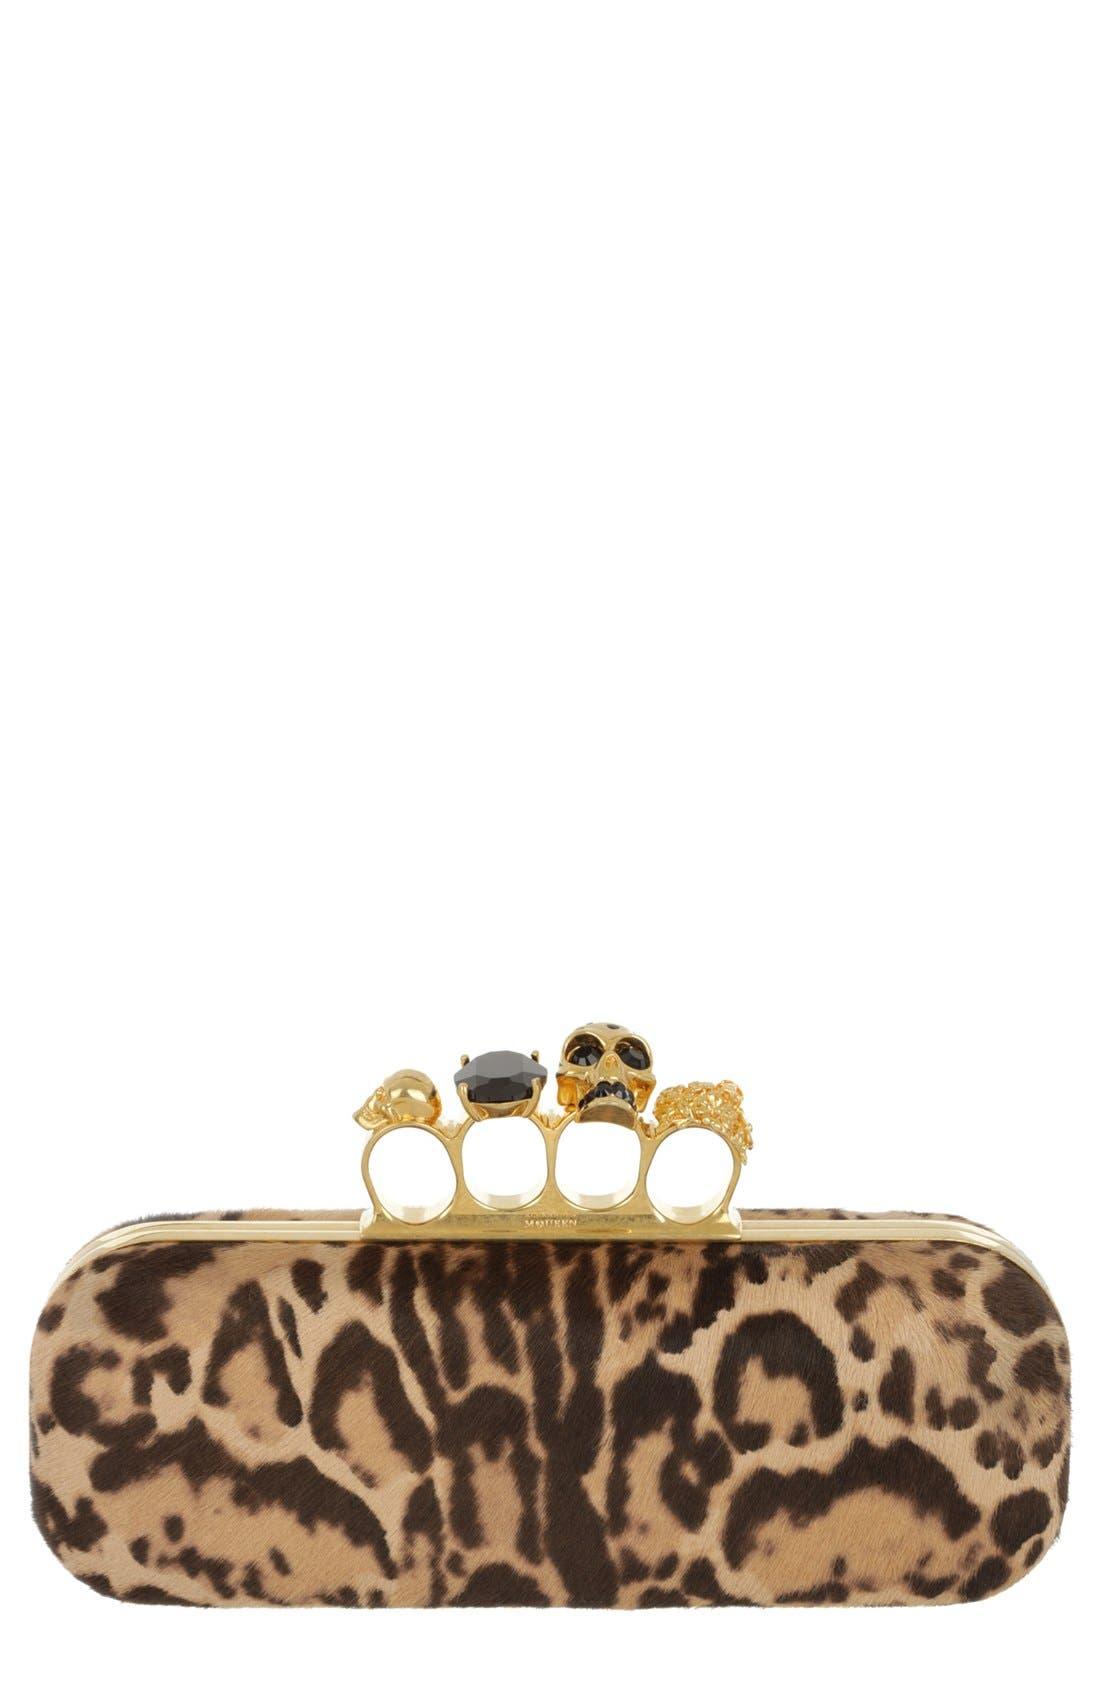 Main Image - Alexander McQueen 'Knucklebox' Leopard Print Calf Hair Clutch